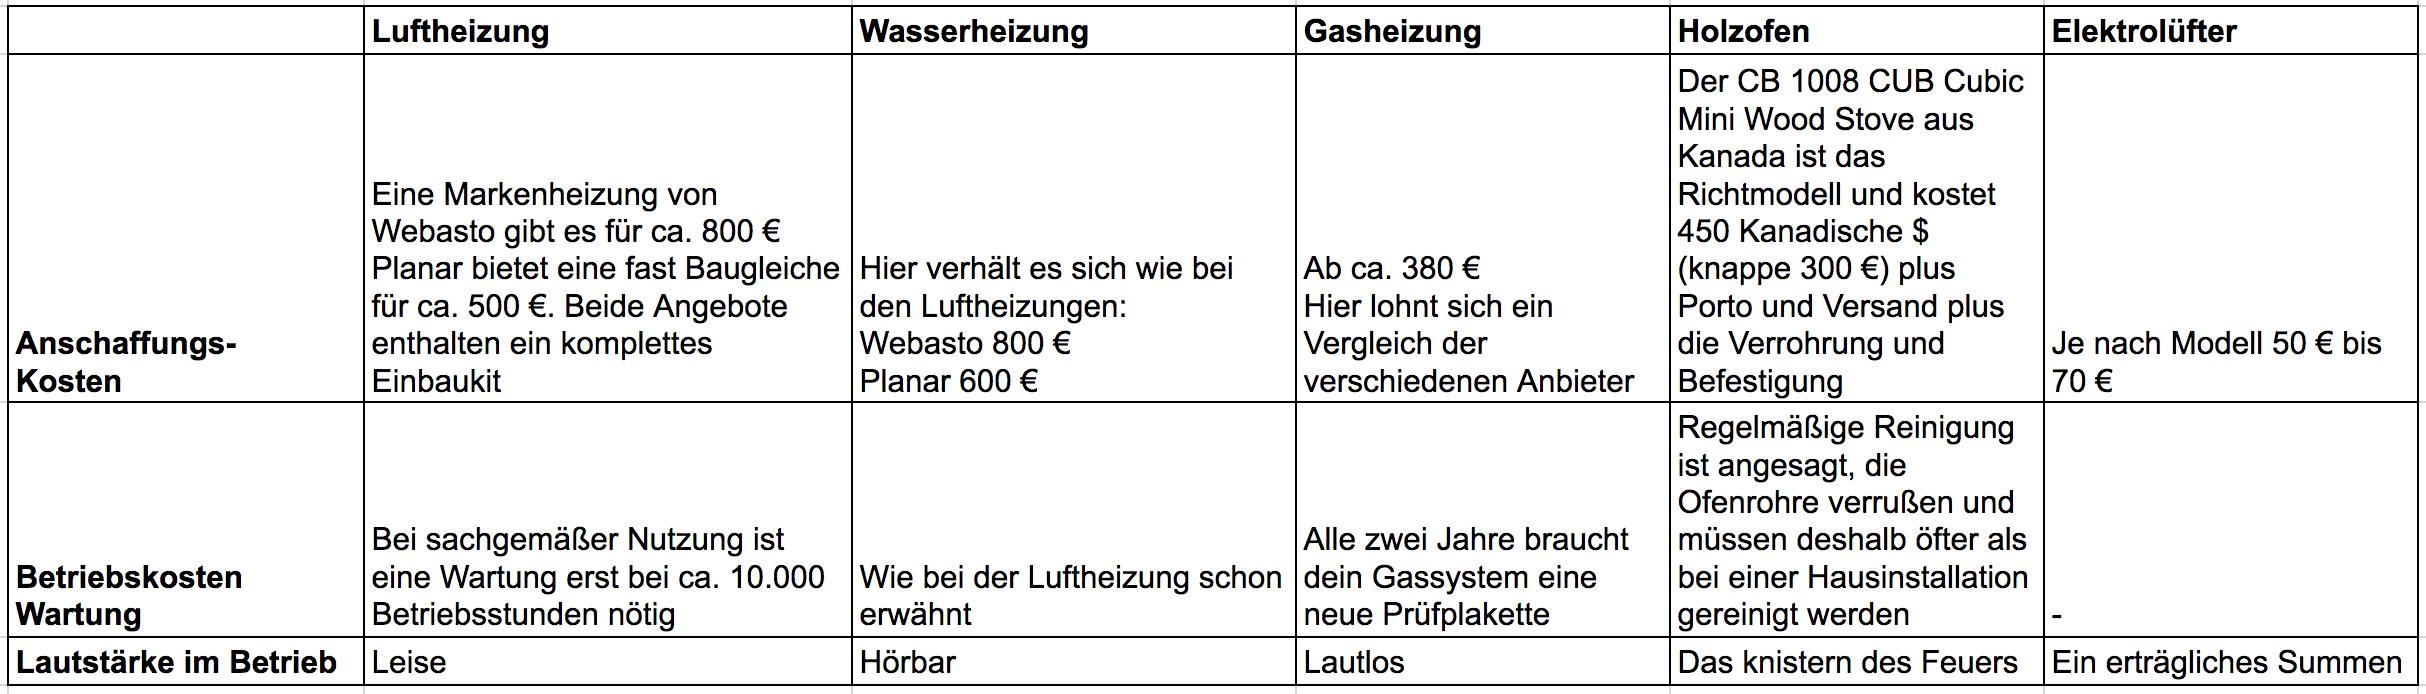 heizung-im-wohnmobil-varianten-holzofen-gasheizung